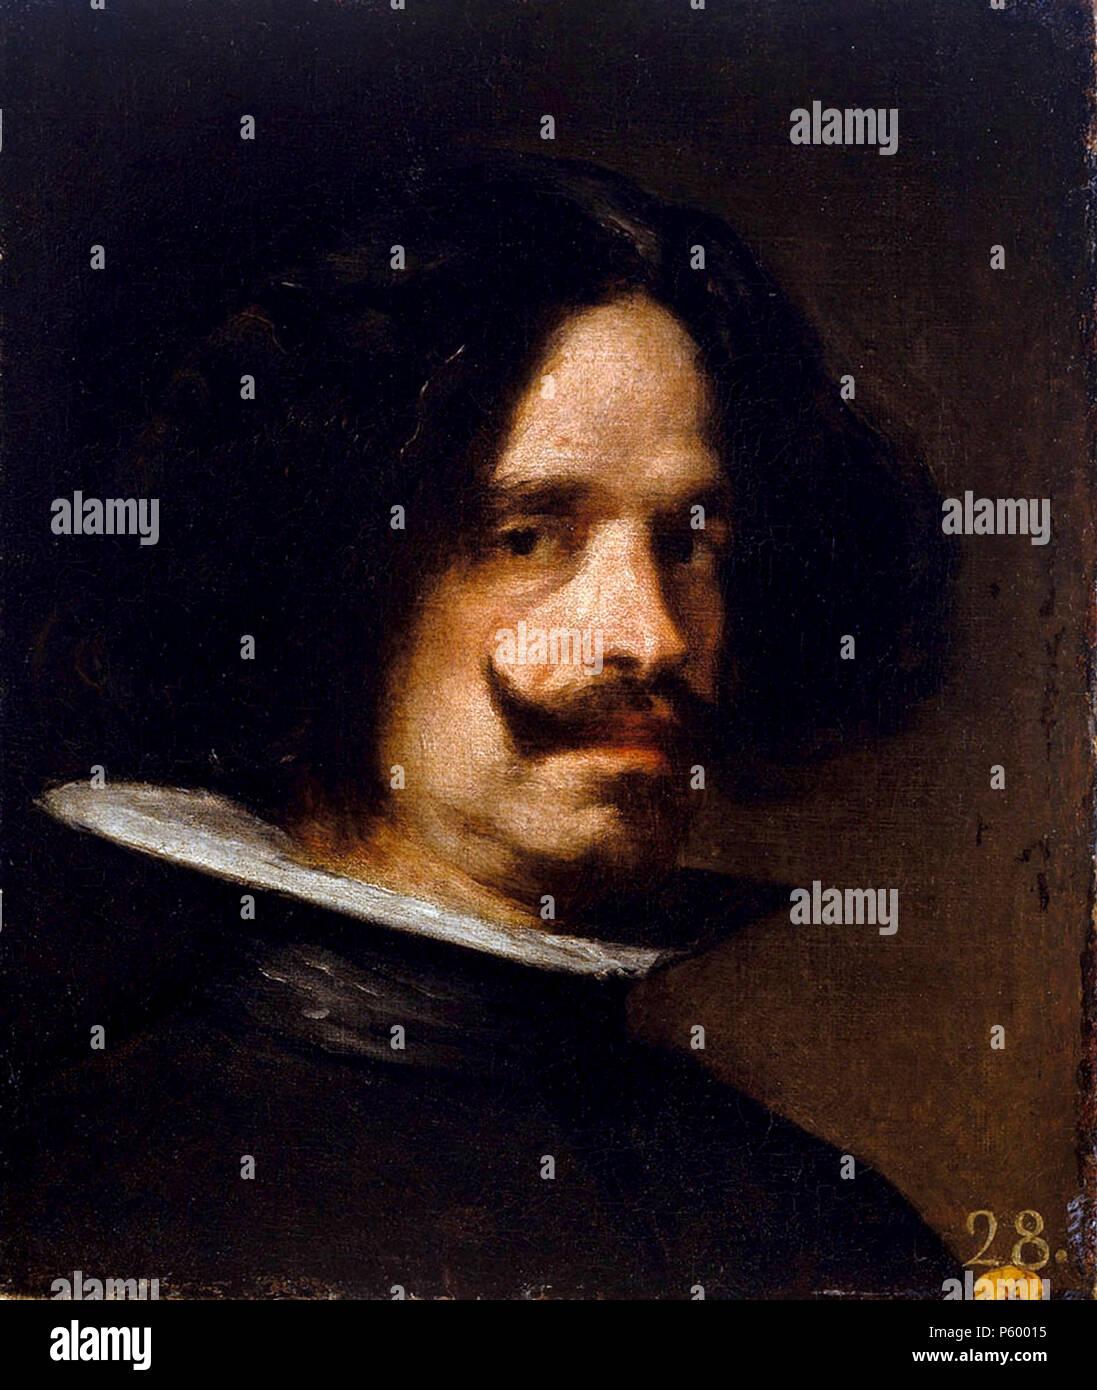 Velázquez, Diego Velázquez, Diego Rodríguez de Silva y Velázquez (1599 – 1660) Spanish painter - Stock Image